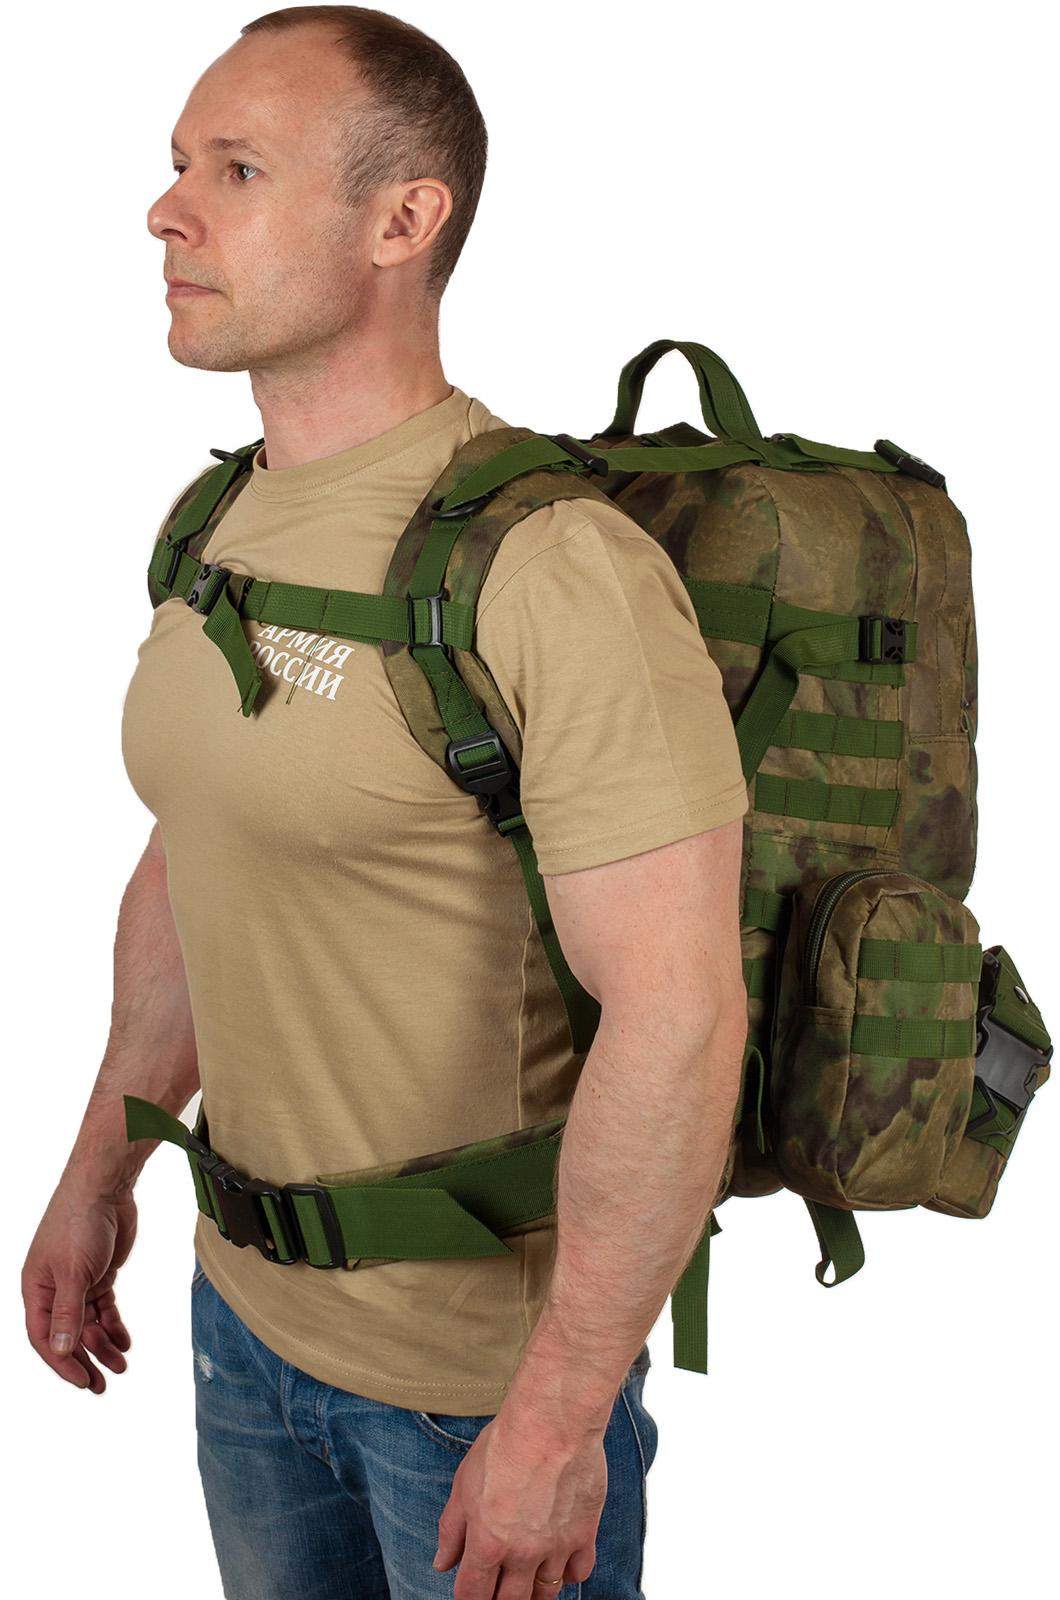 Тактический рюкзак с подсумком с нашивкой для охотников купить с доставкой